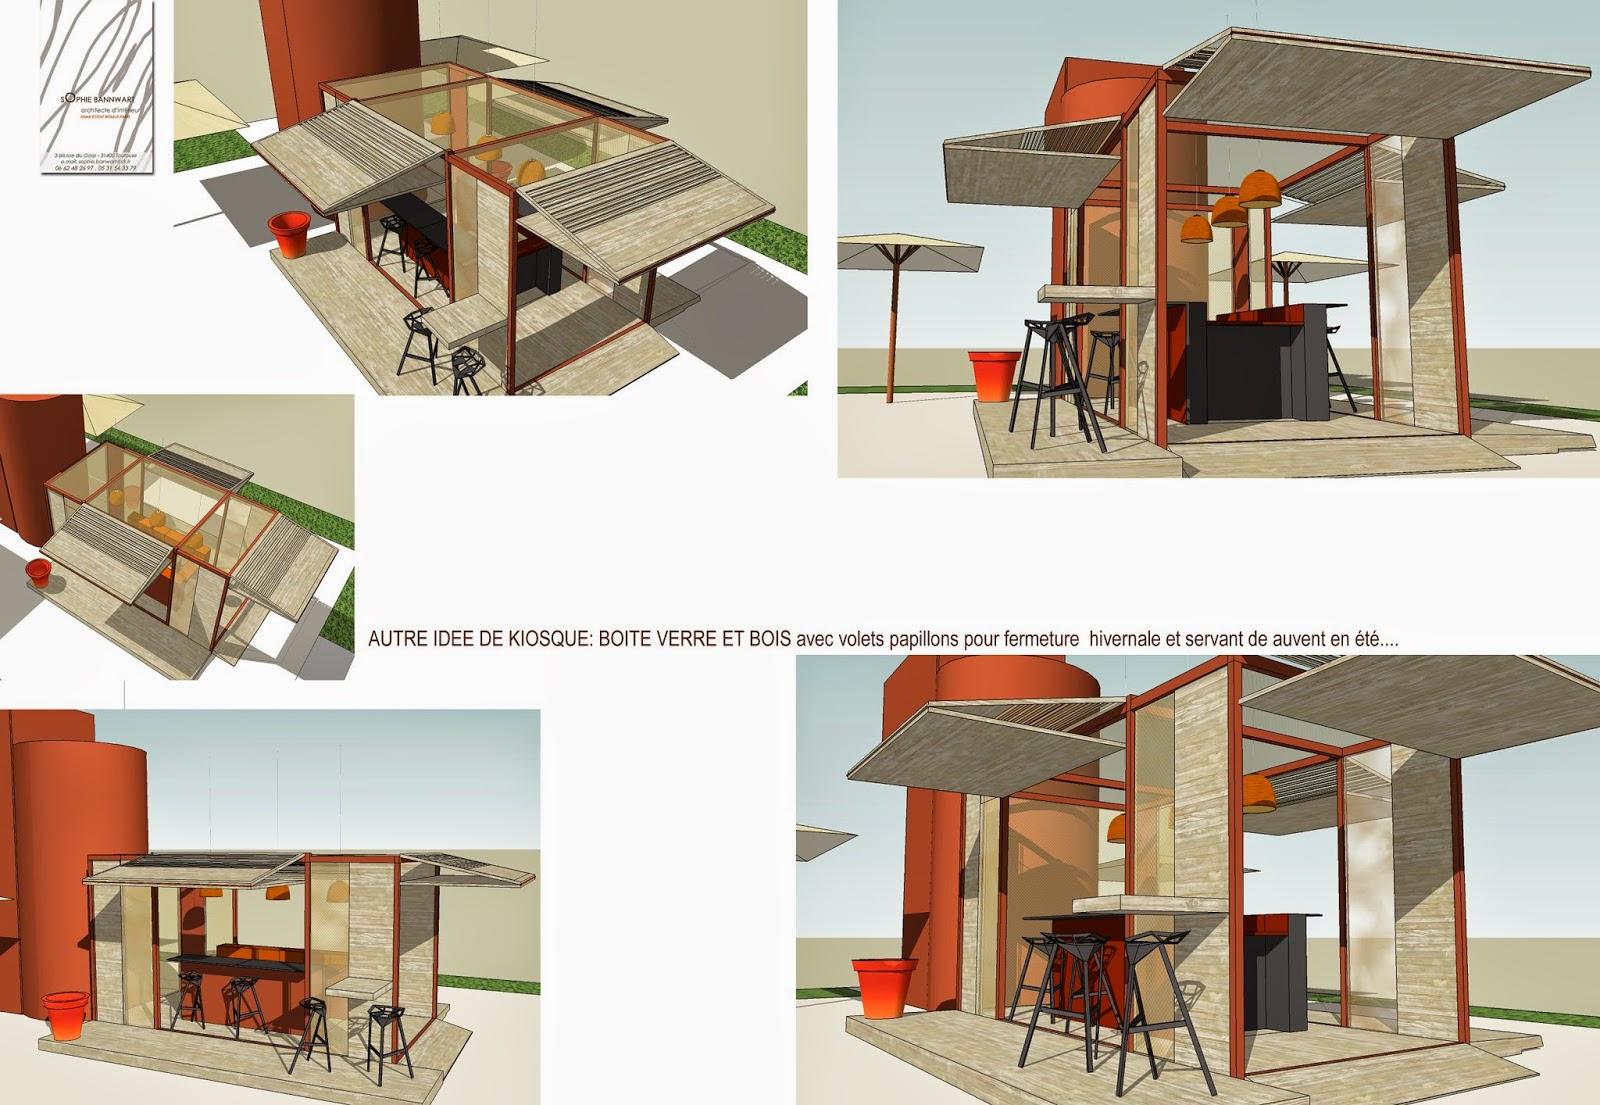 Sophie bannwart architecte d 39 int rieur for Kiosque exterieur